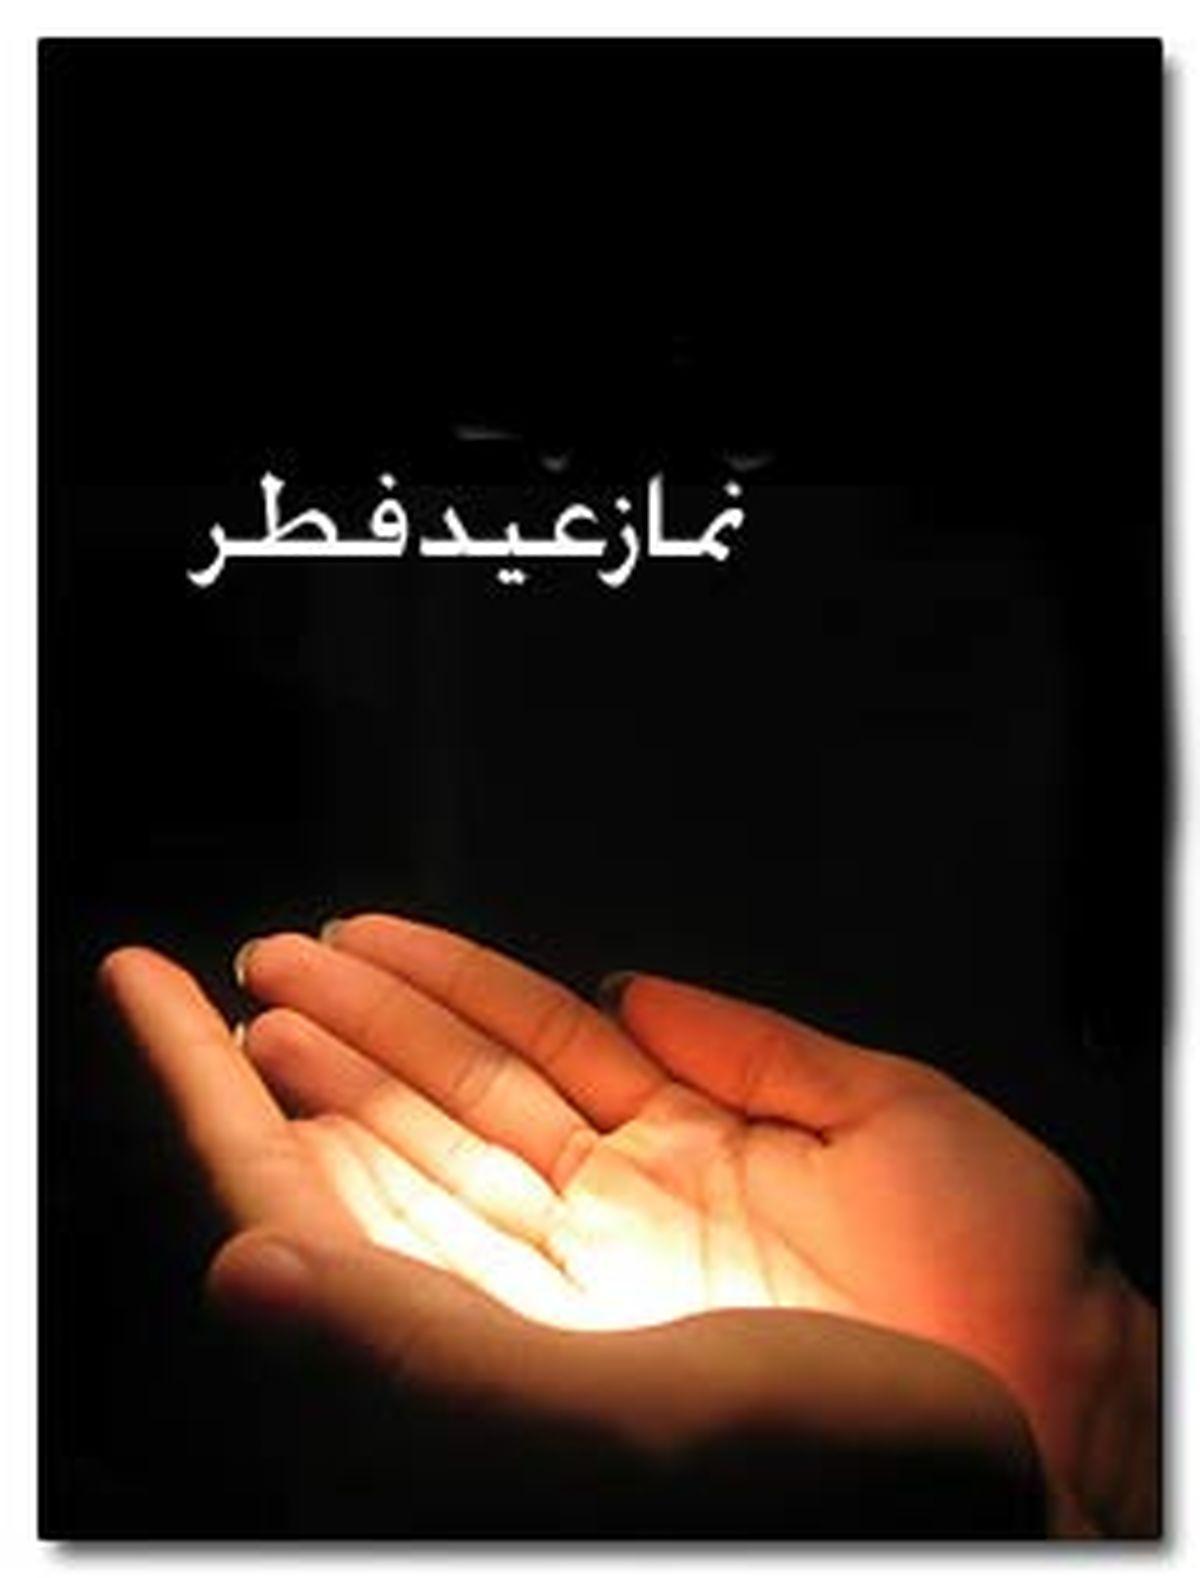 طریقه برگزاری نماز عیدفطر امسال